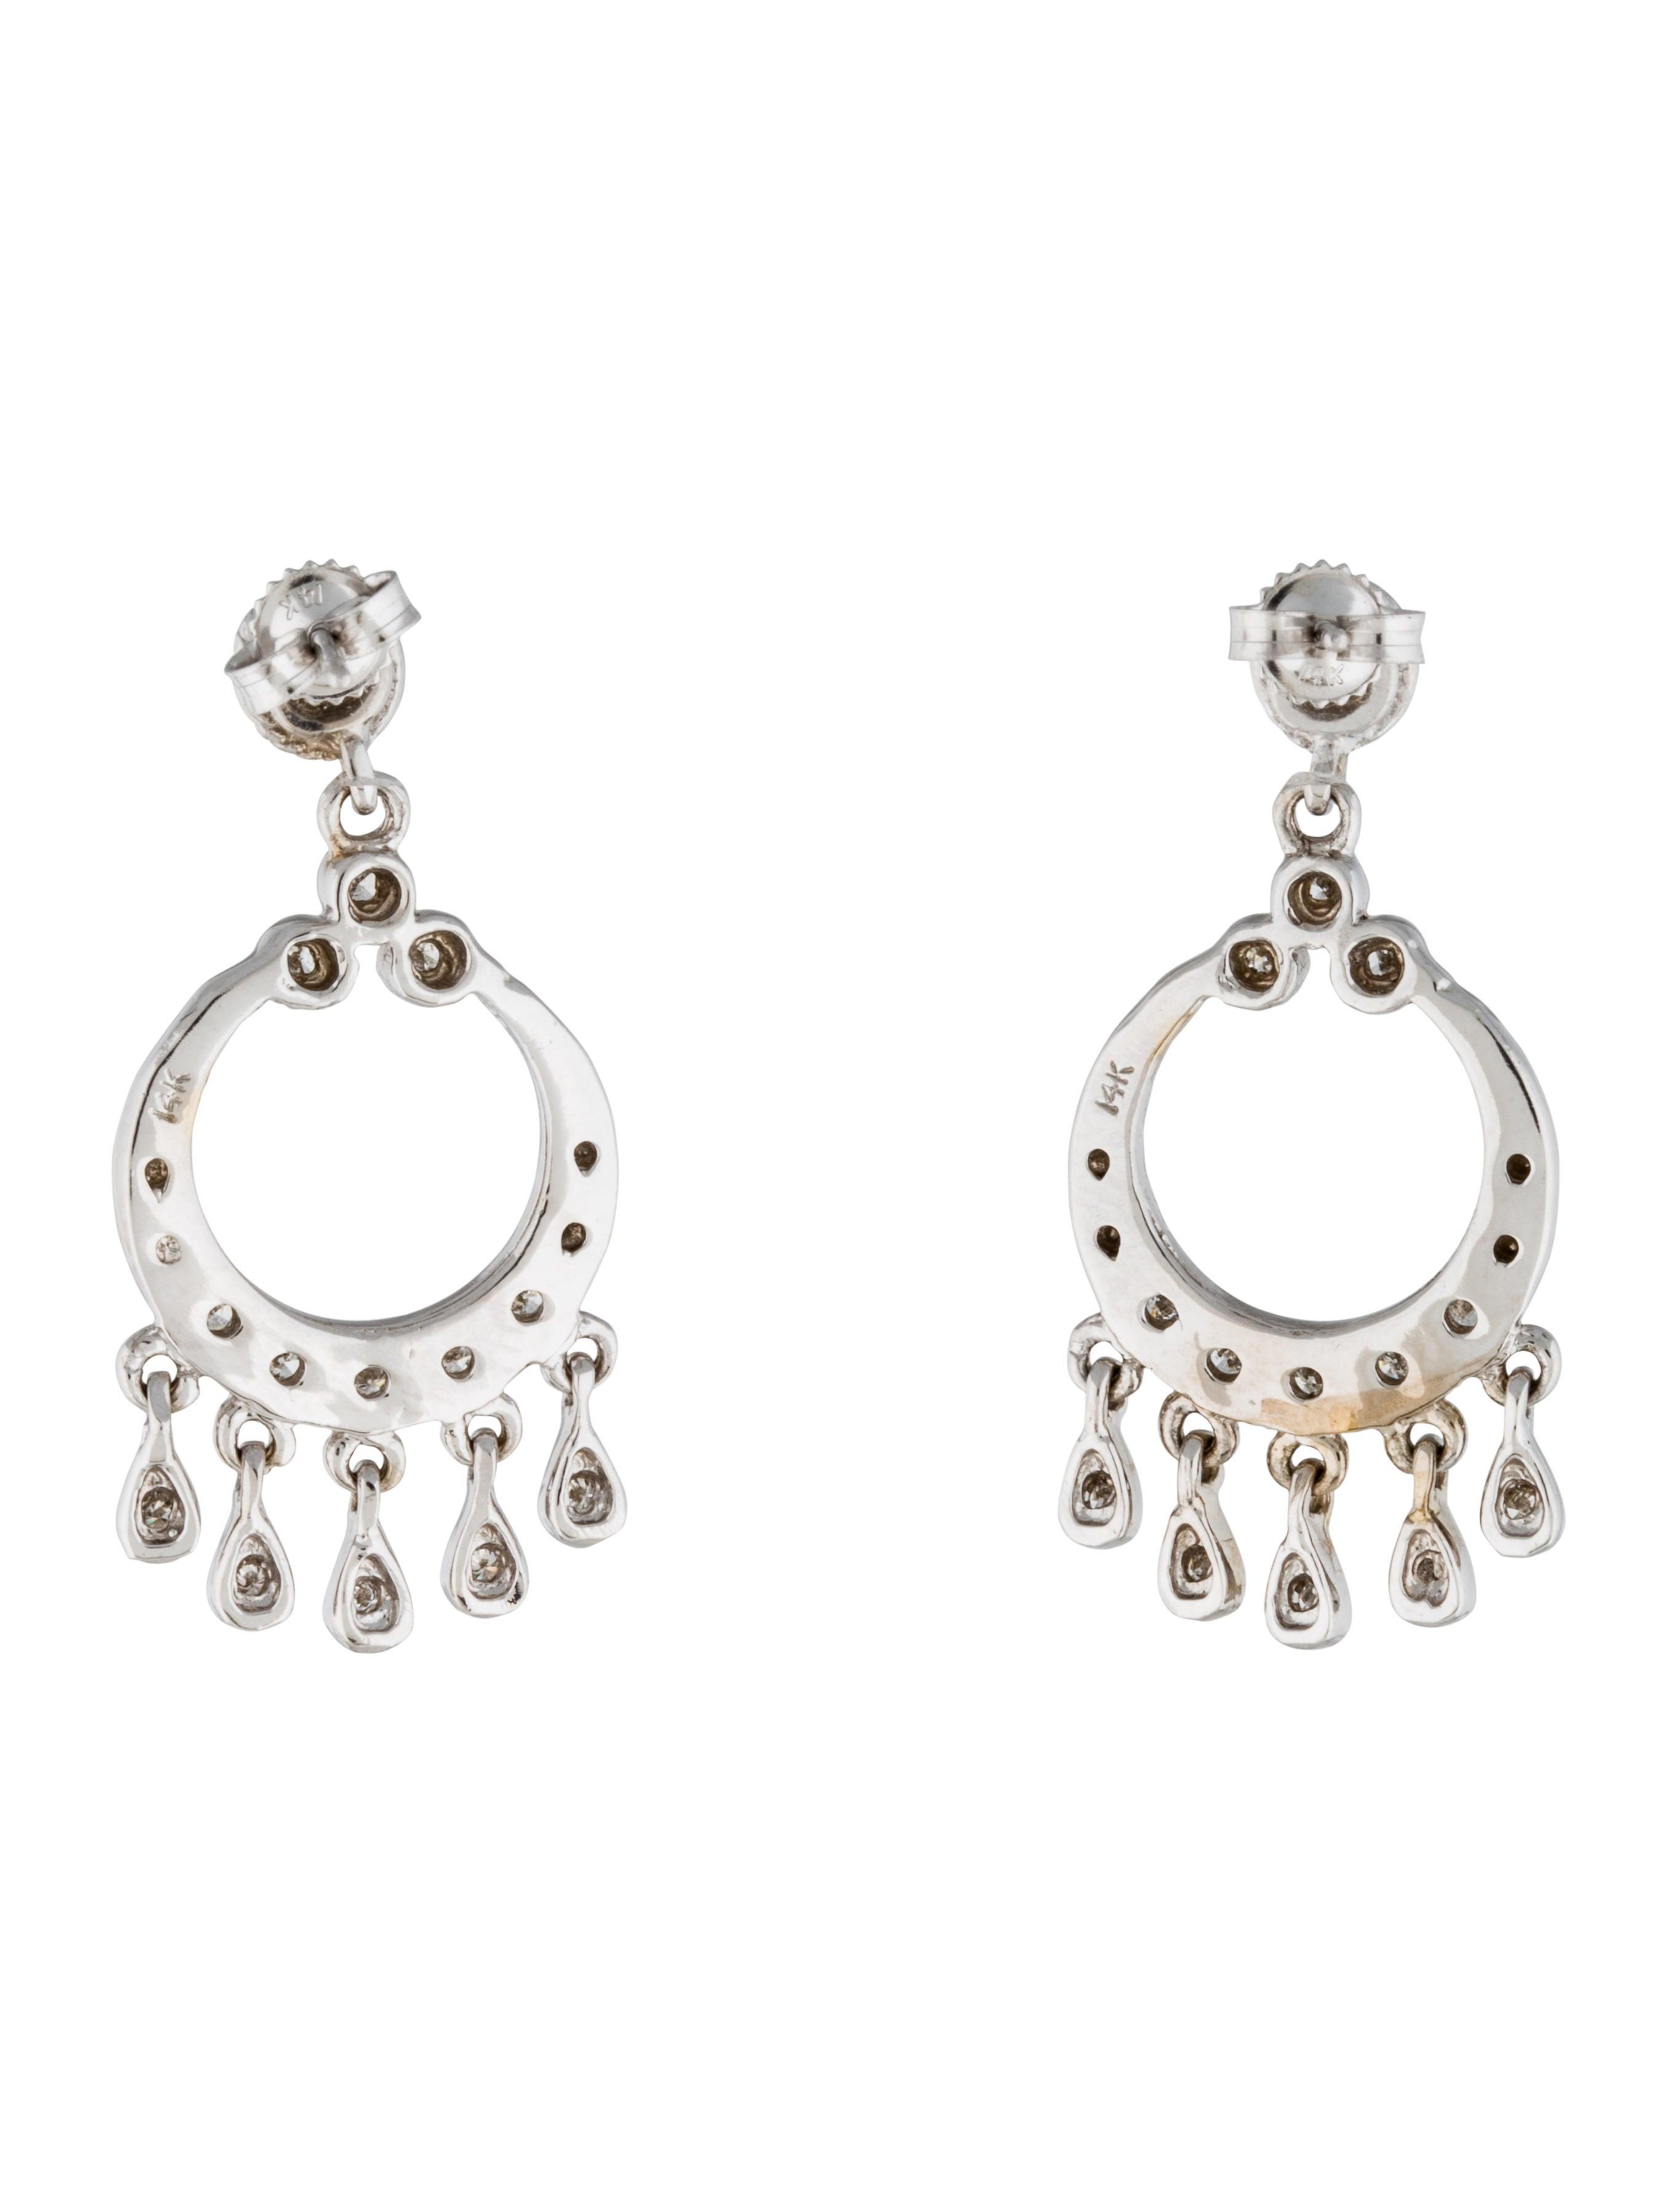 14k Diamond Chandelier Earrings Earrings Earri20012